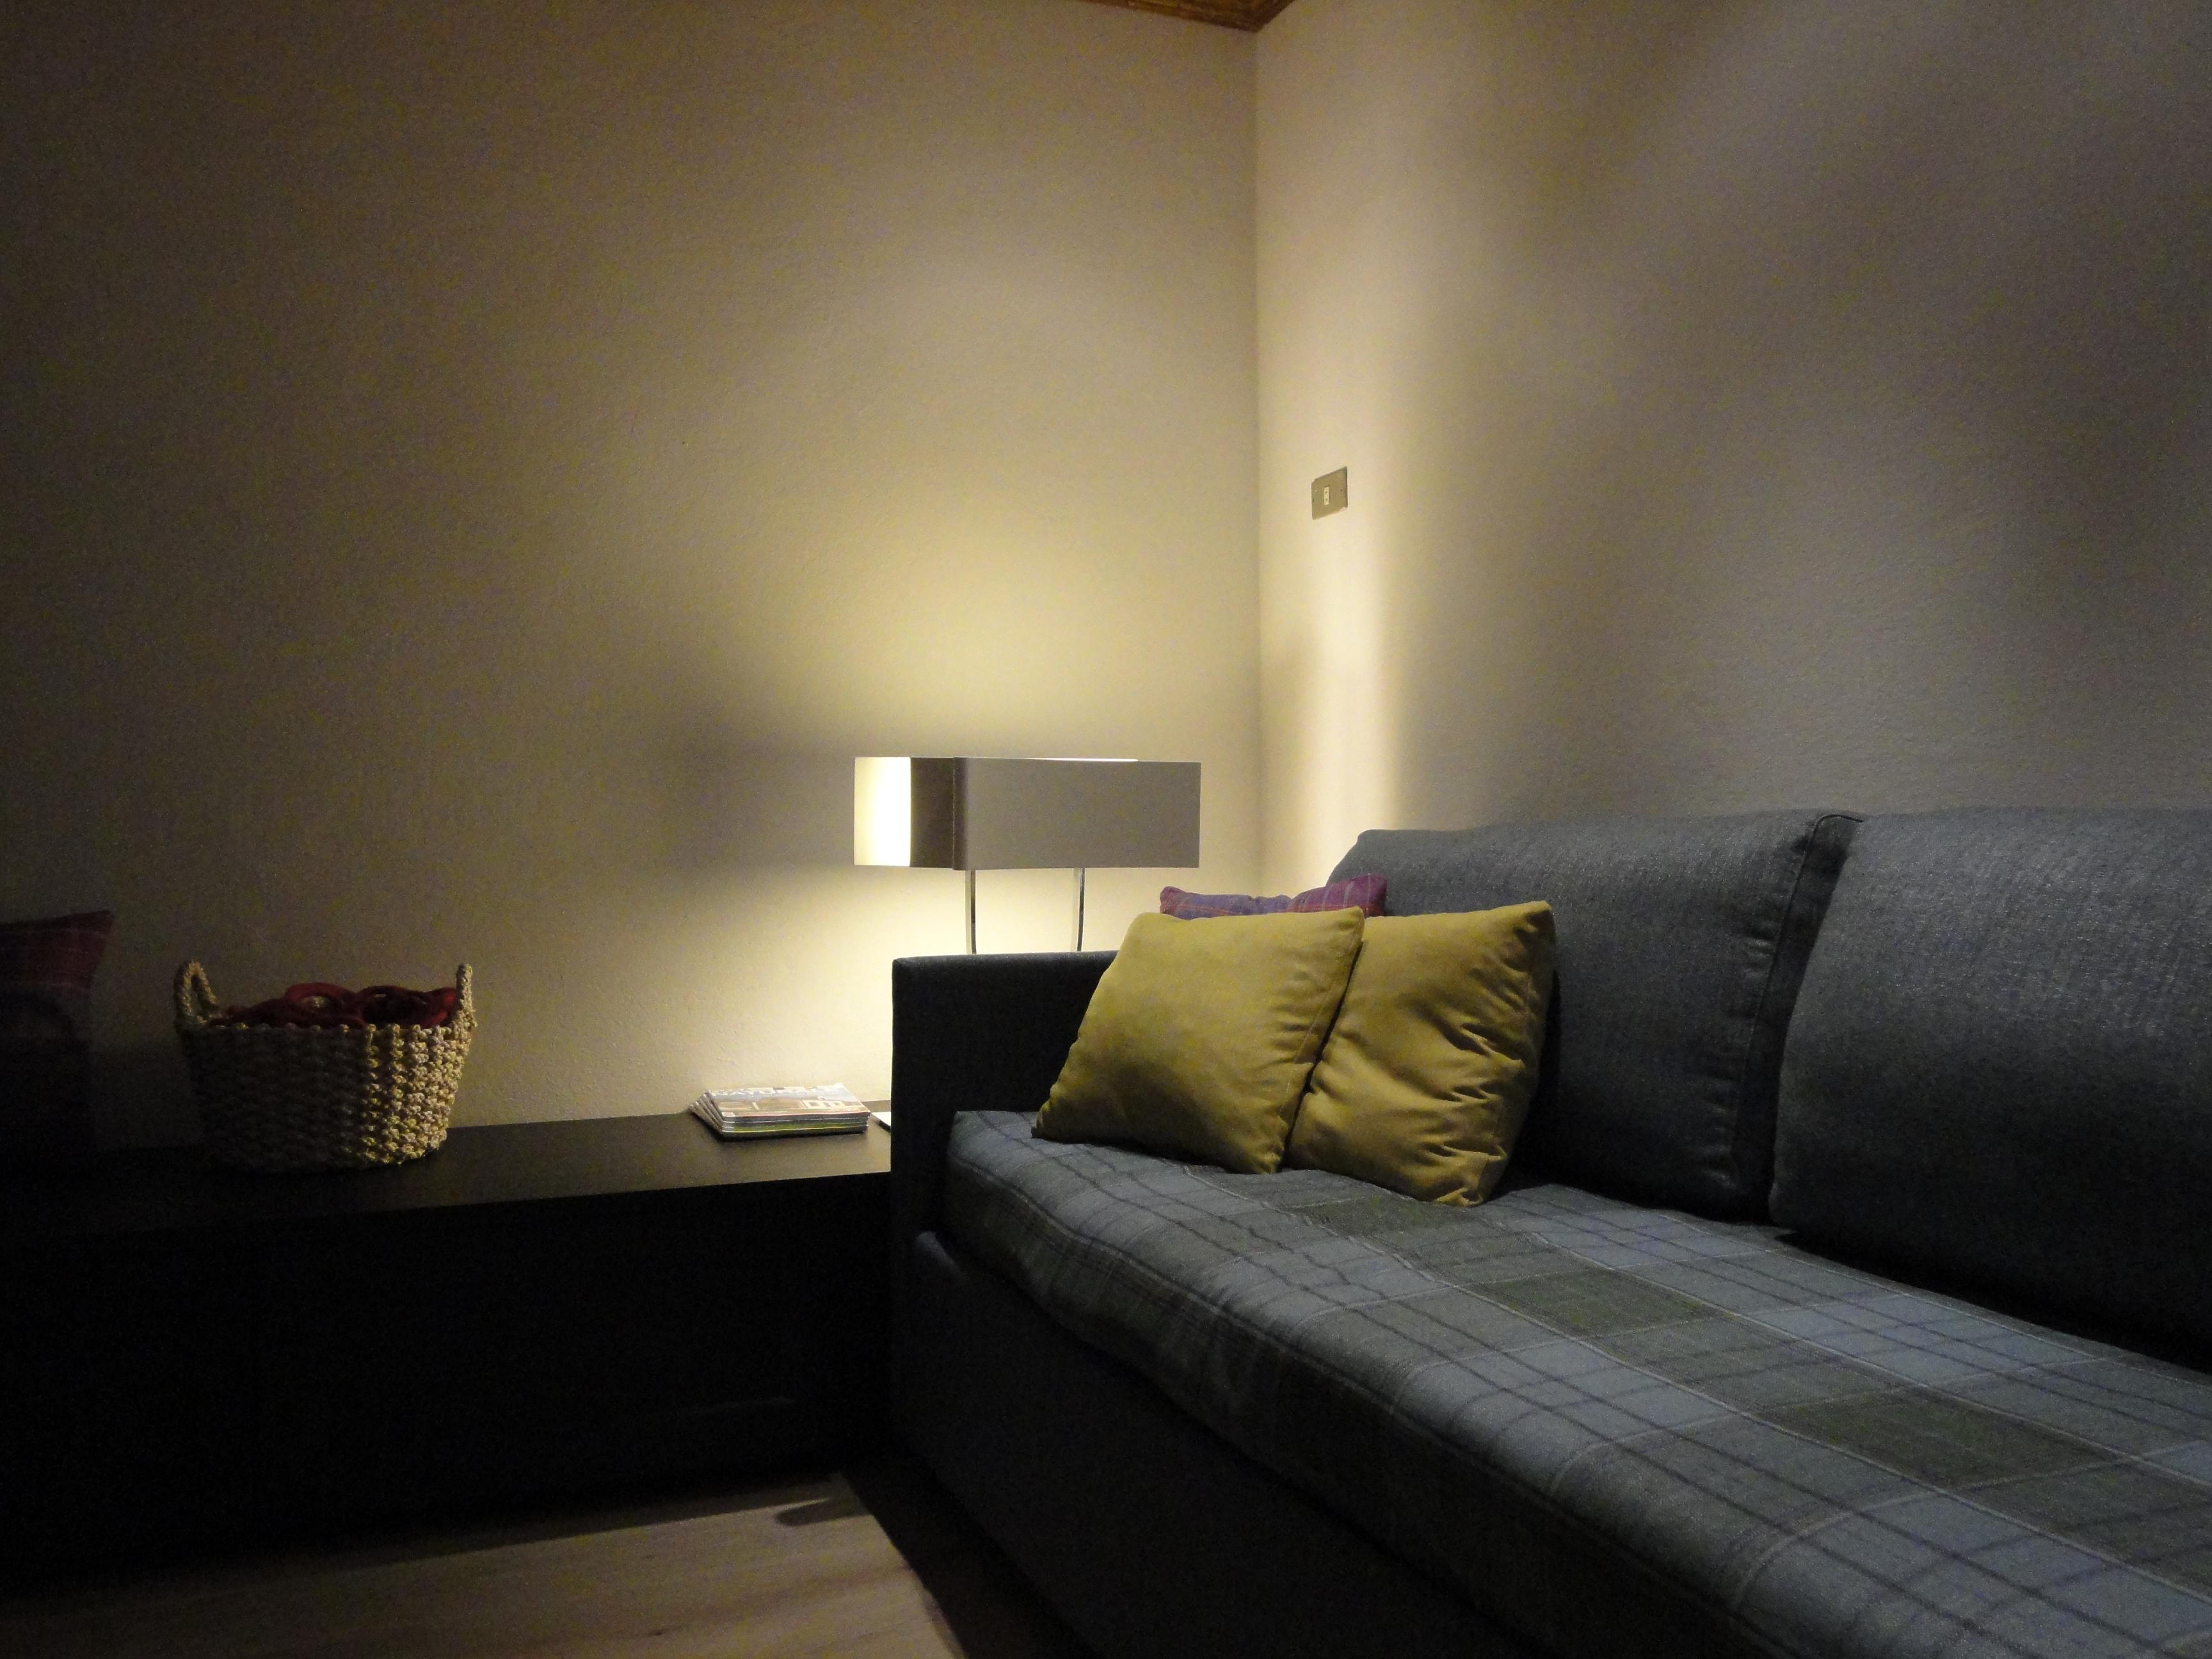 prezzi divani divano letto in offerta - Divano Letto Matrimoniale Futura